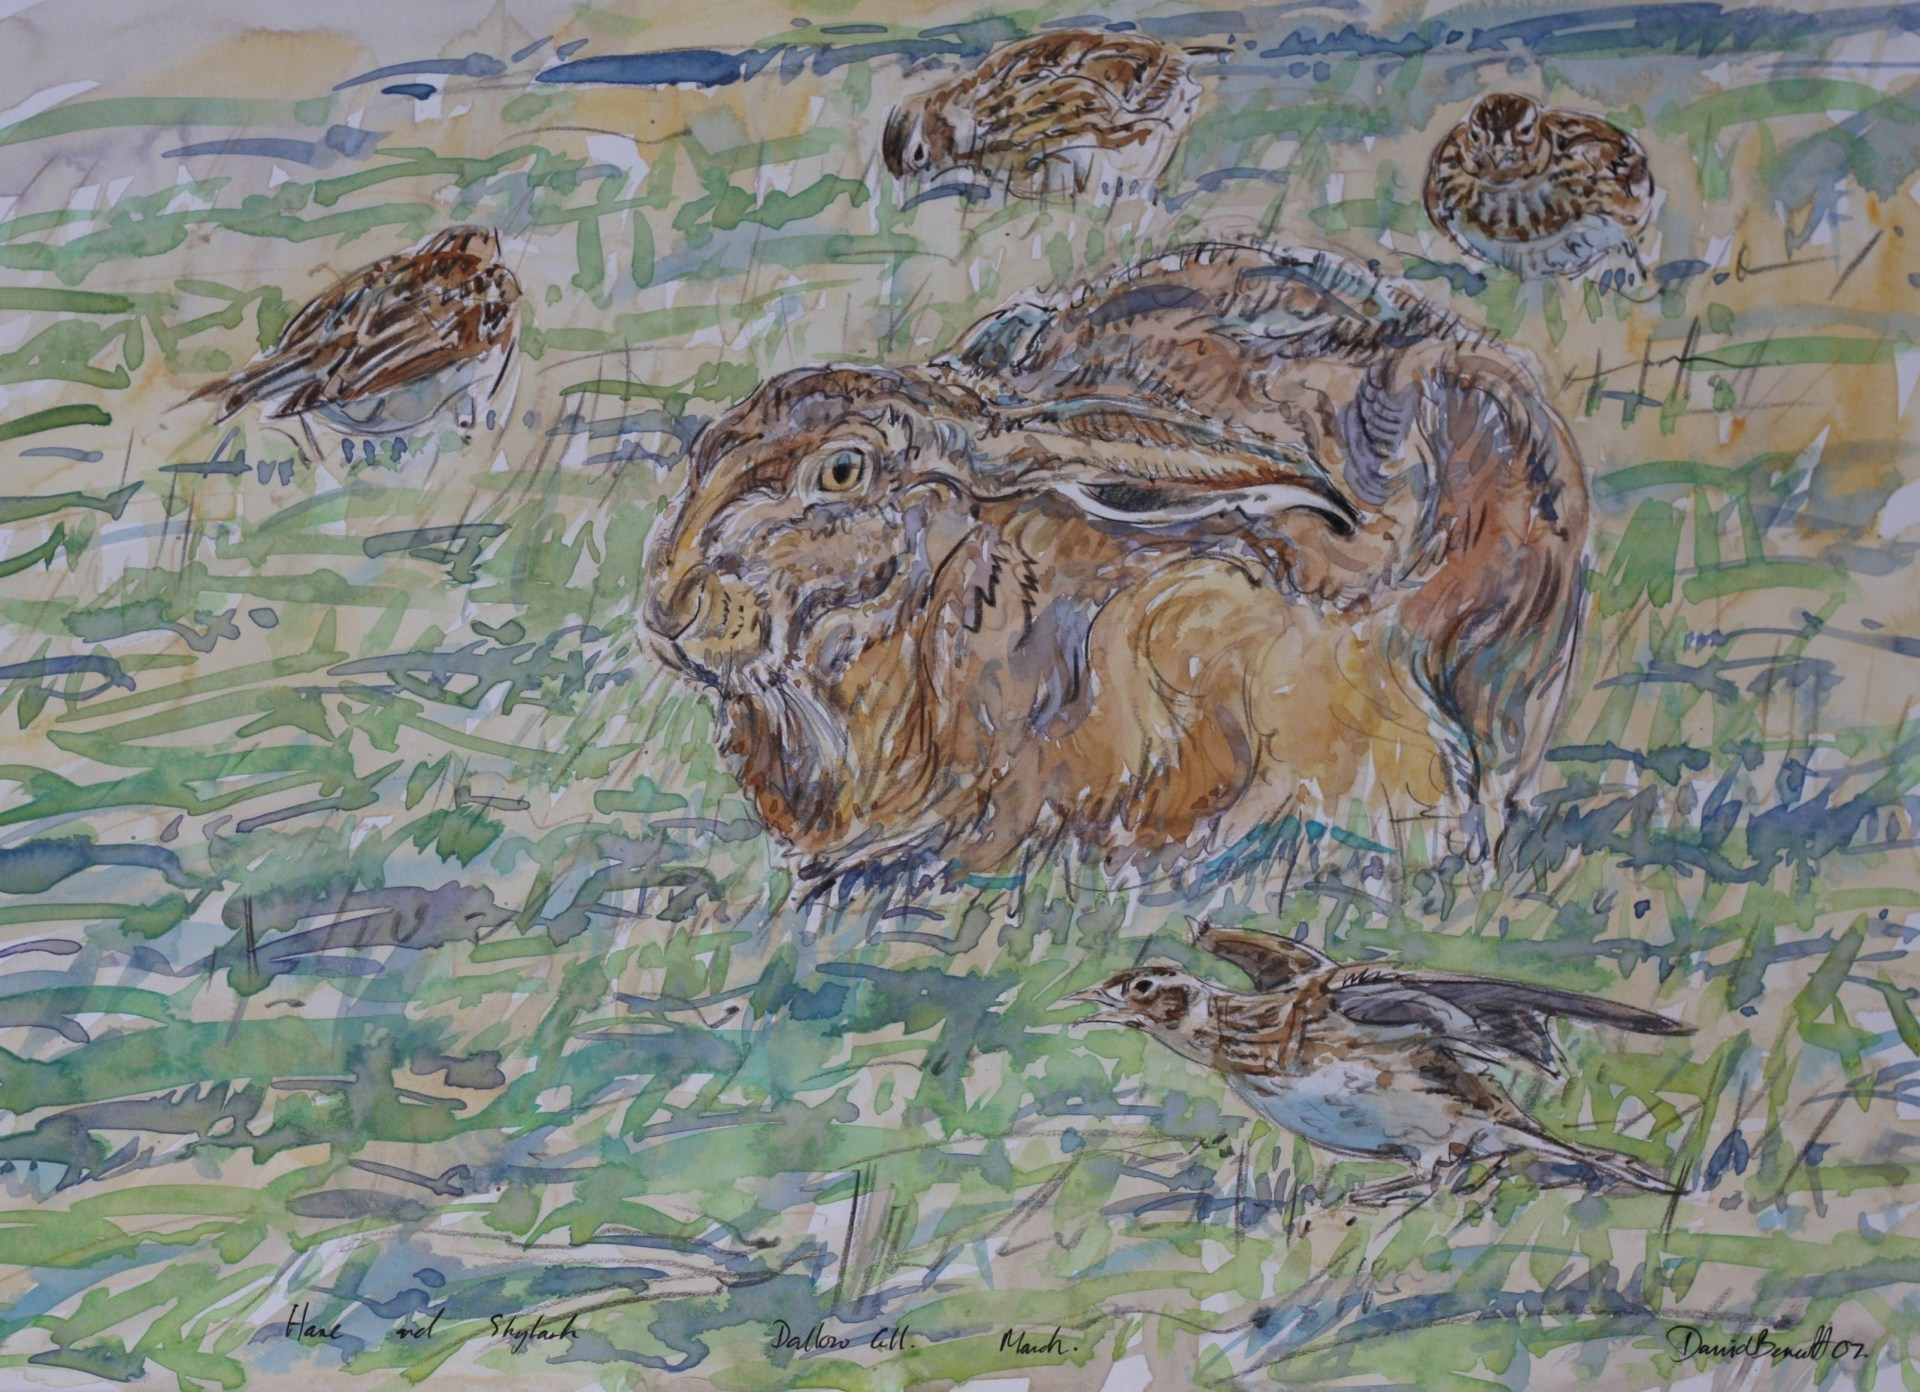 Hare and Skyelarks